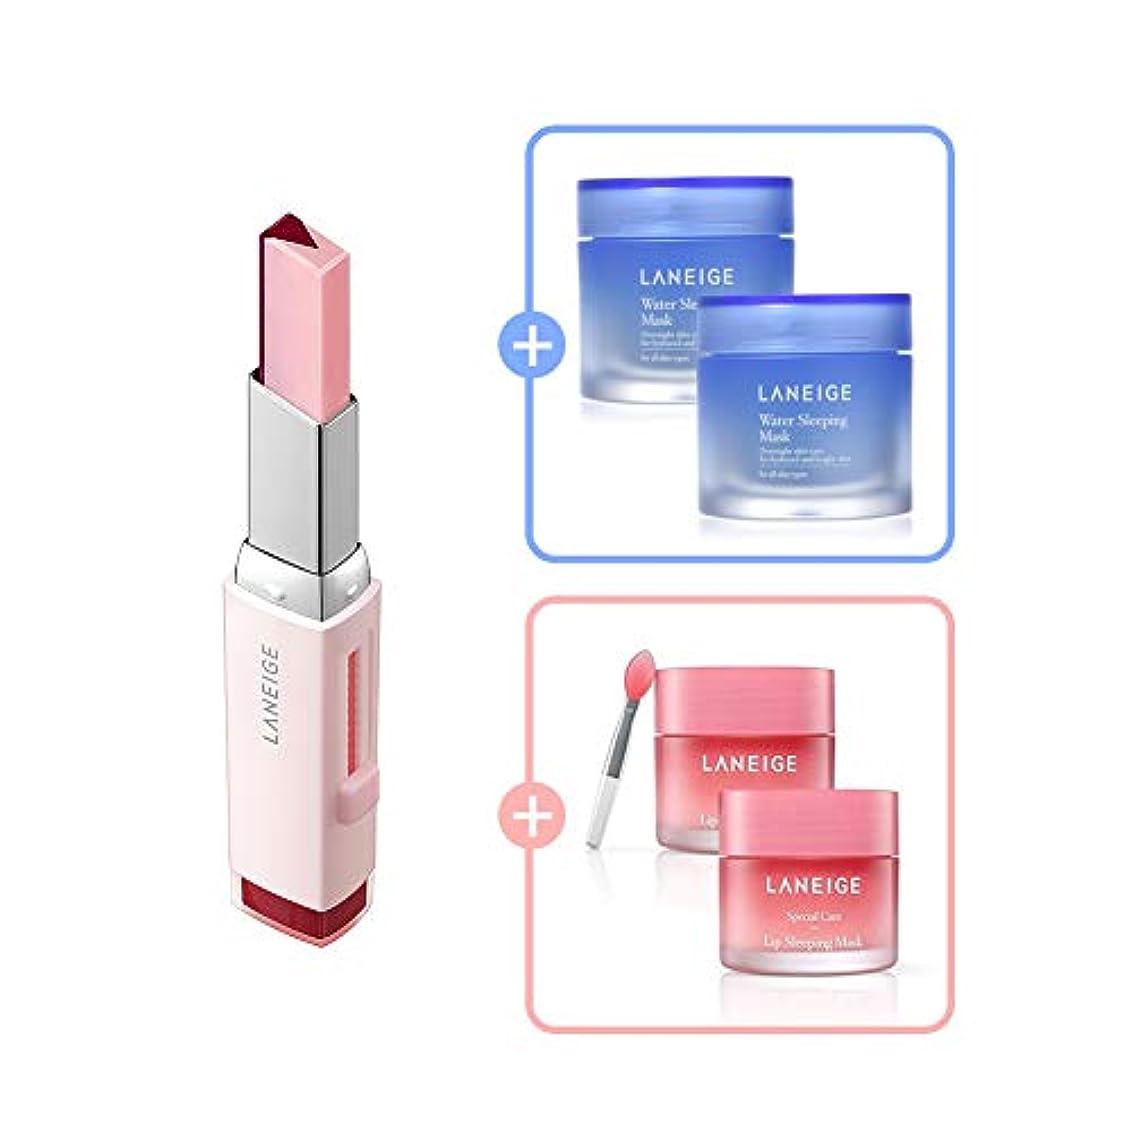 事実腐った適応するTwo Tone Tint Lip Bar 2g (No.8 Cherry Milk)/ツートーン ティント バー 2g (No.8 チェリー ミルク) [数量限定!人気商品のサンプルプレゼント!]